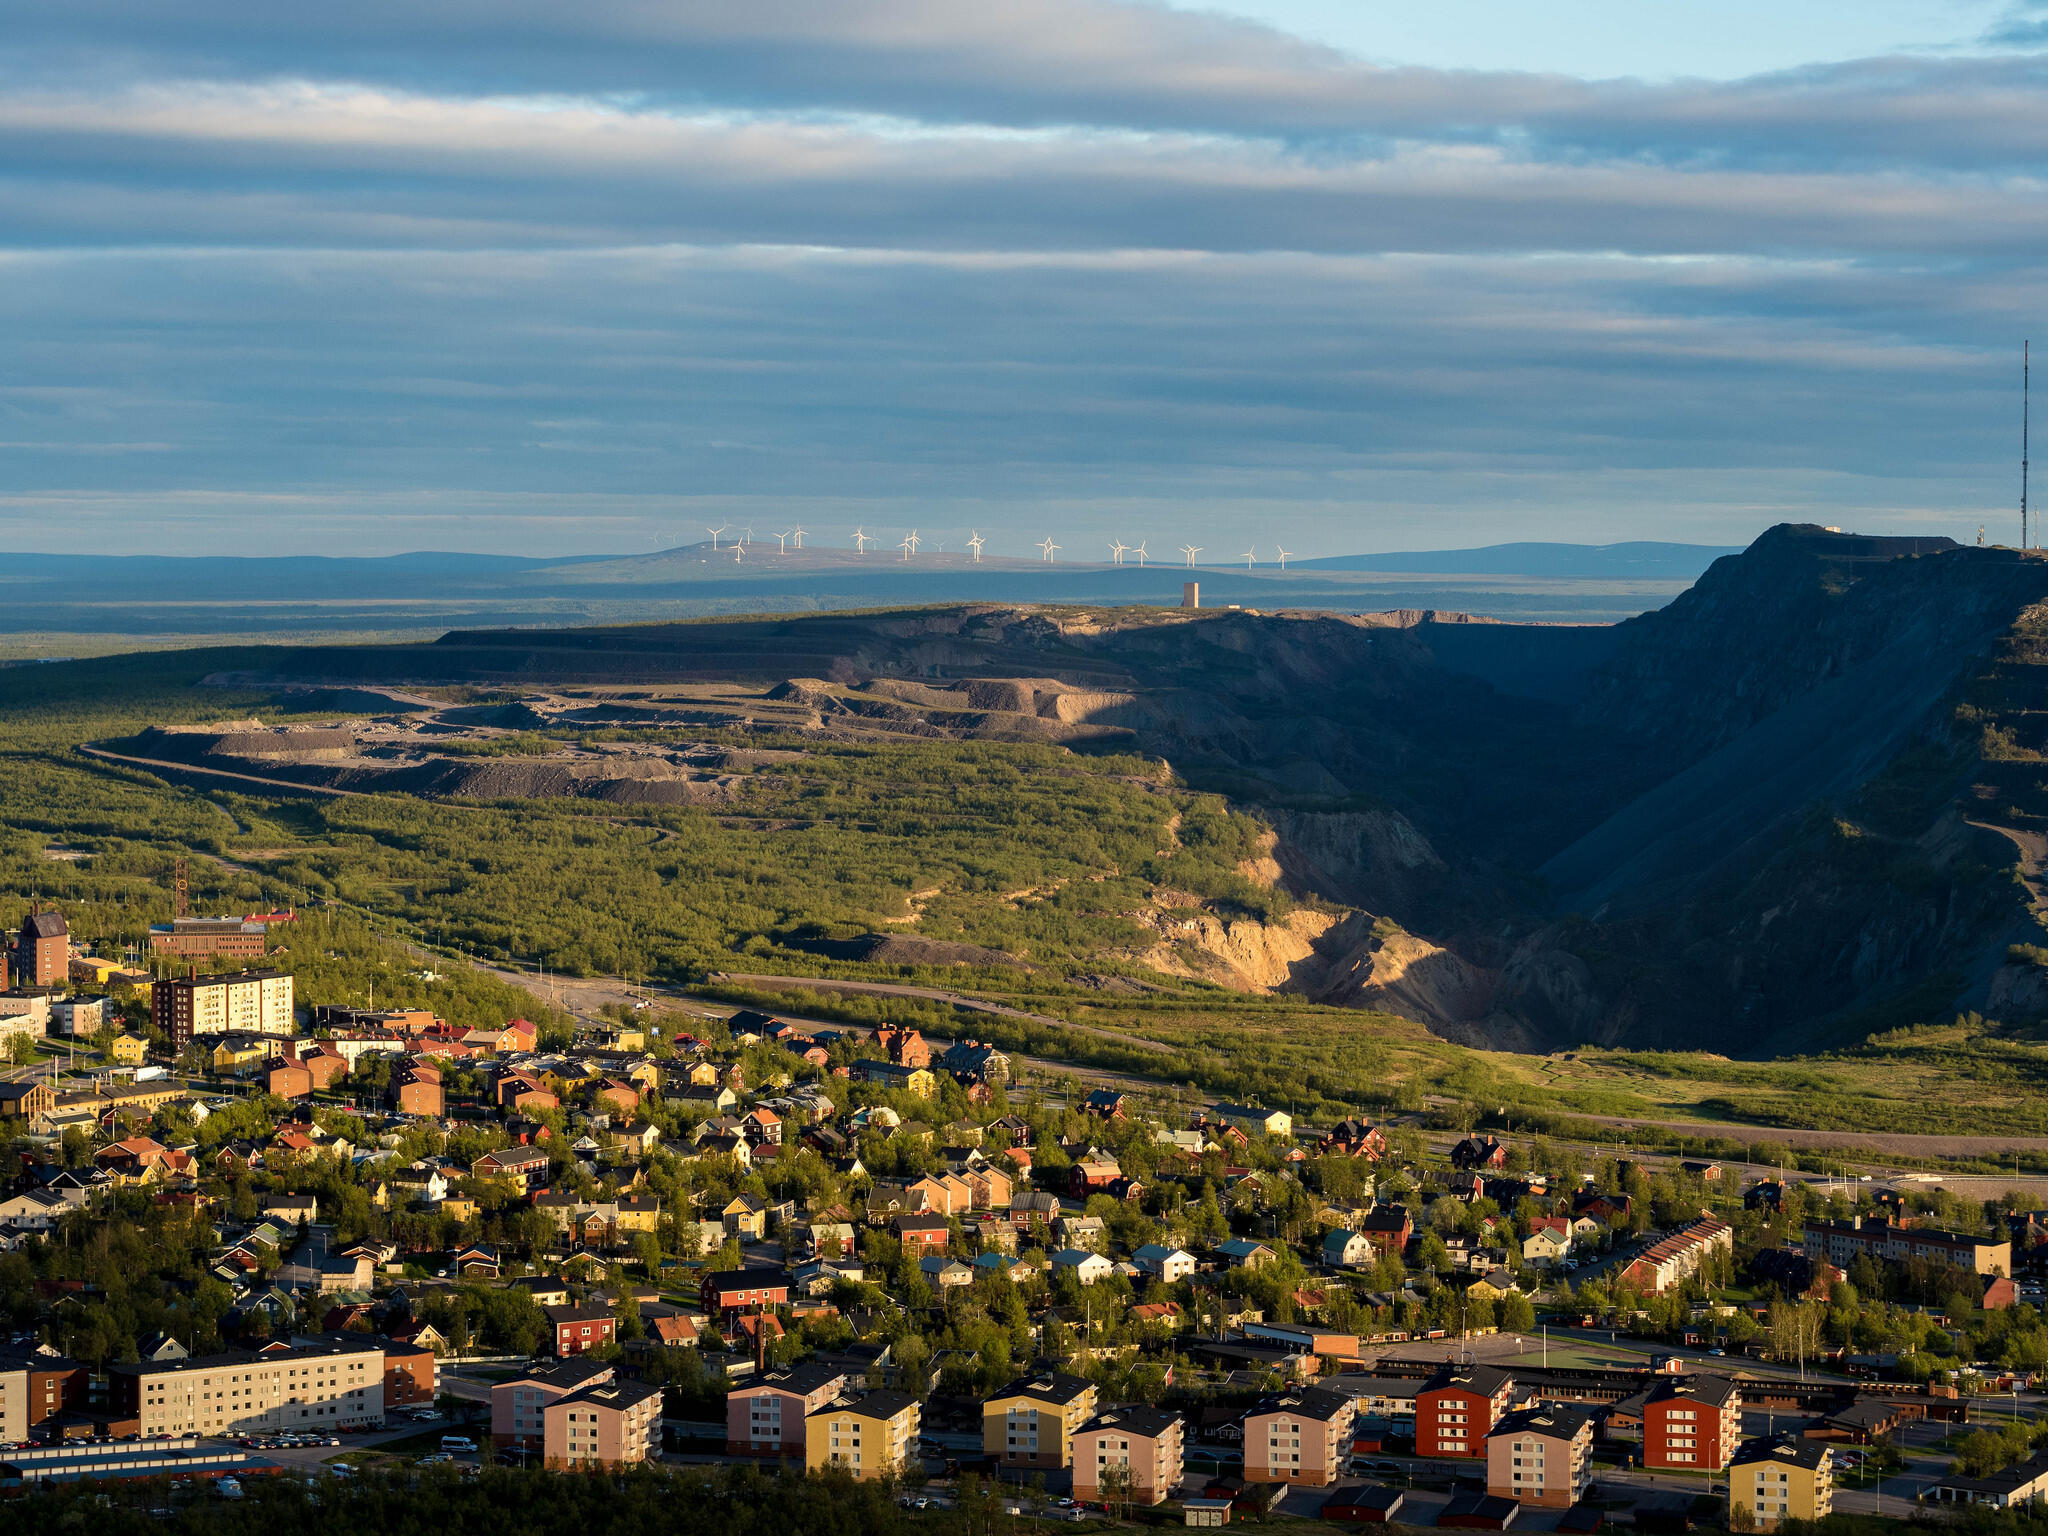 Thụy Điển : quan cảnh thành phố mỏ Kiruna, nơi Trung Quốc xây trạm vệ tinh.